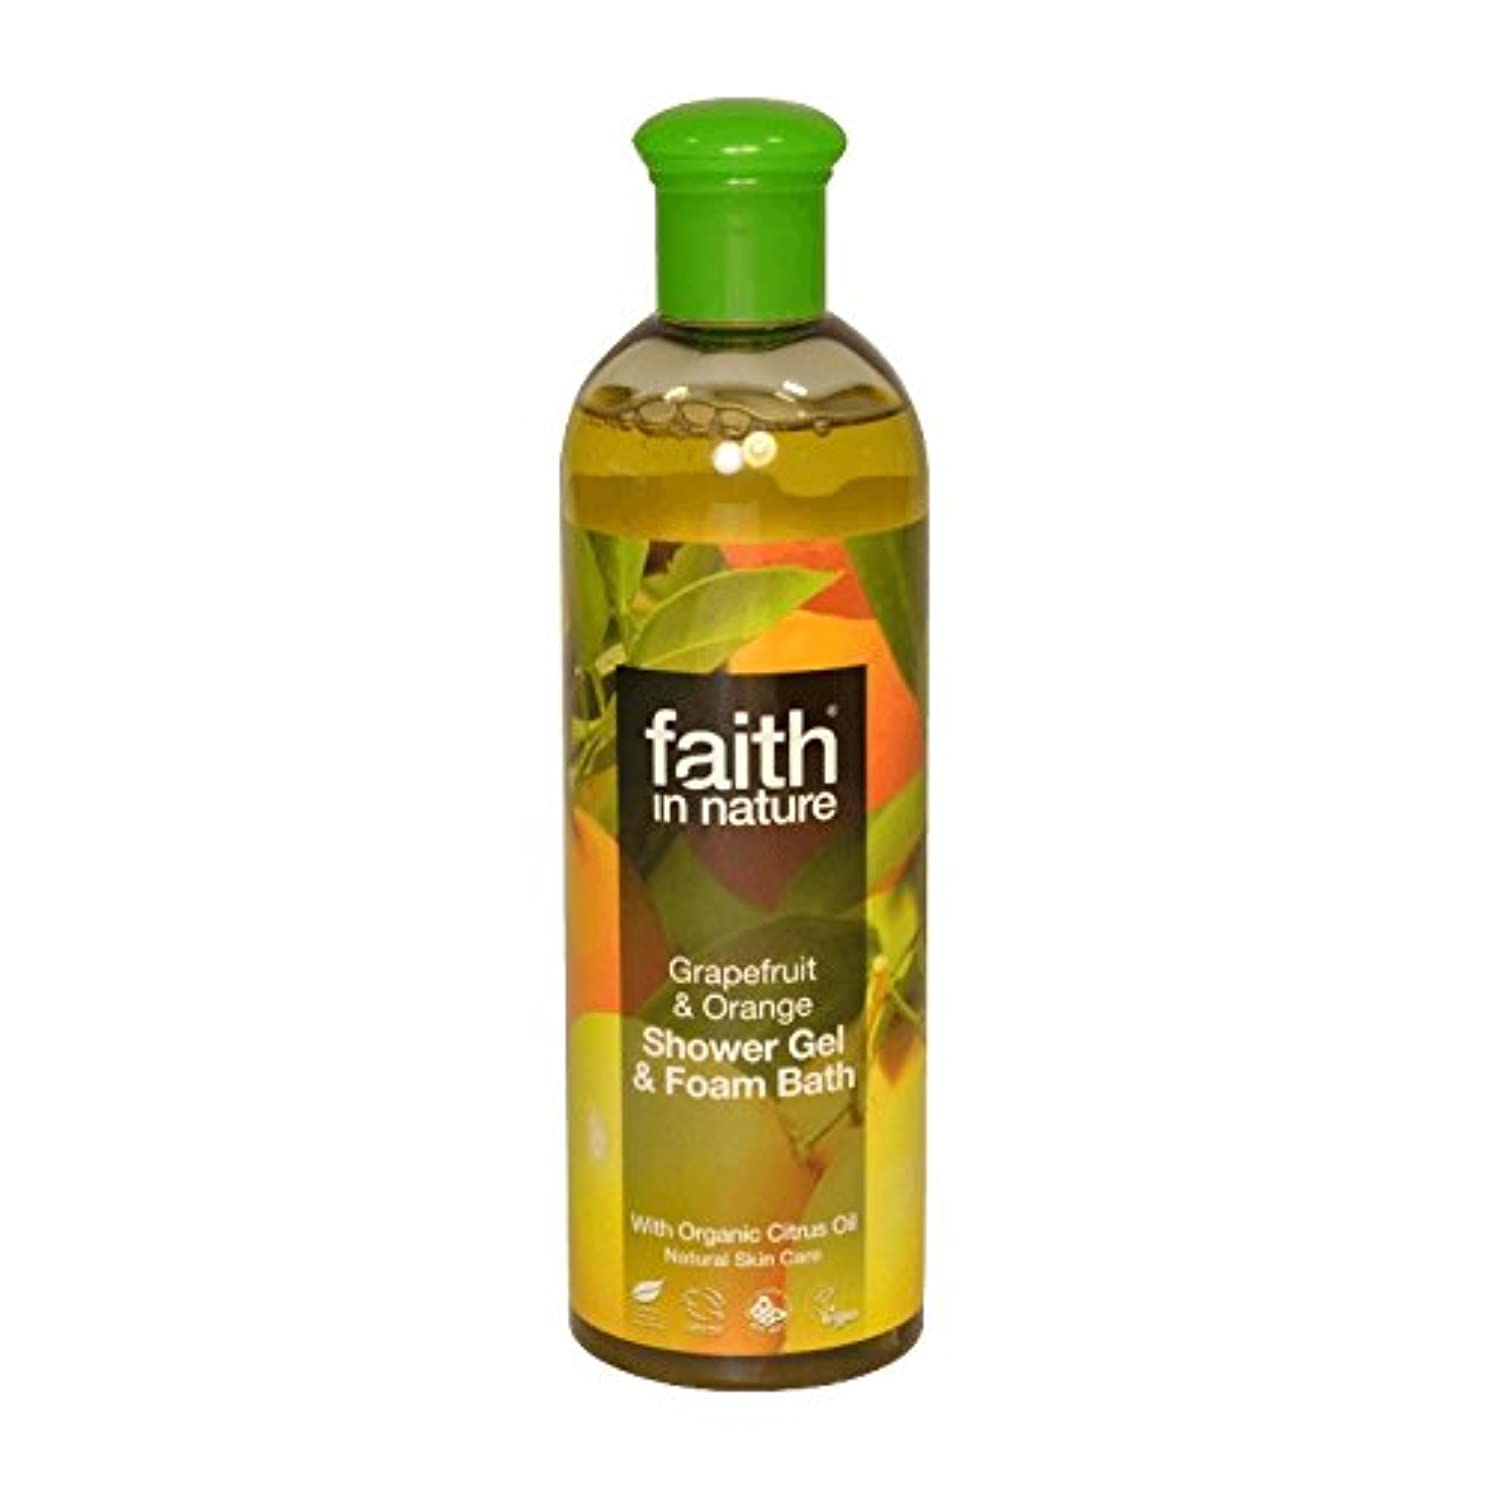 反論グラスカード自然グレープフルーツ&オレンジシャワージェル&バス泡400ミリリットルの信仰 - Faith in Nature Grapefruit & Orange Shower Gel & Bath Foam 400ml (Faith...